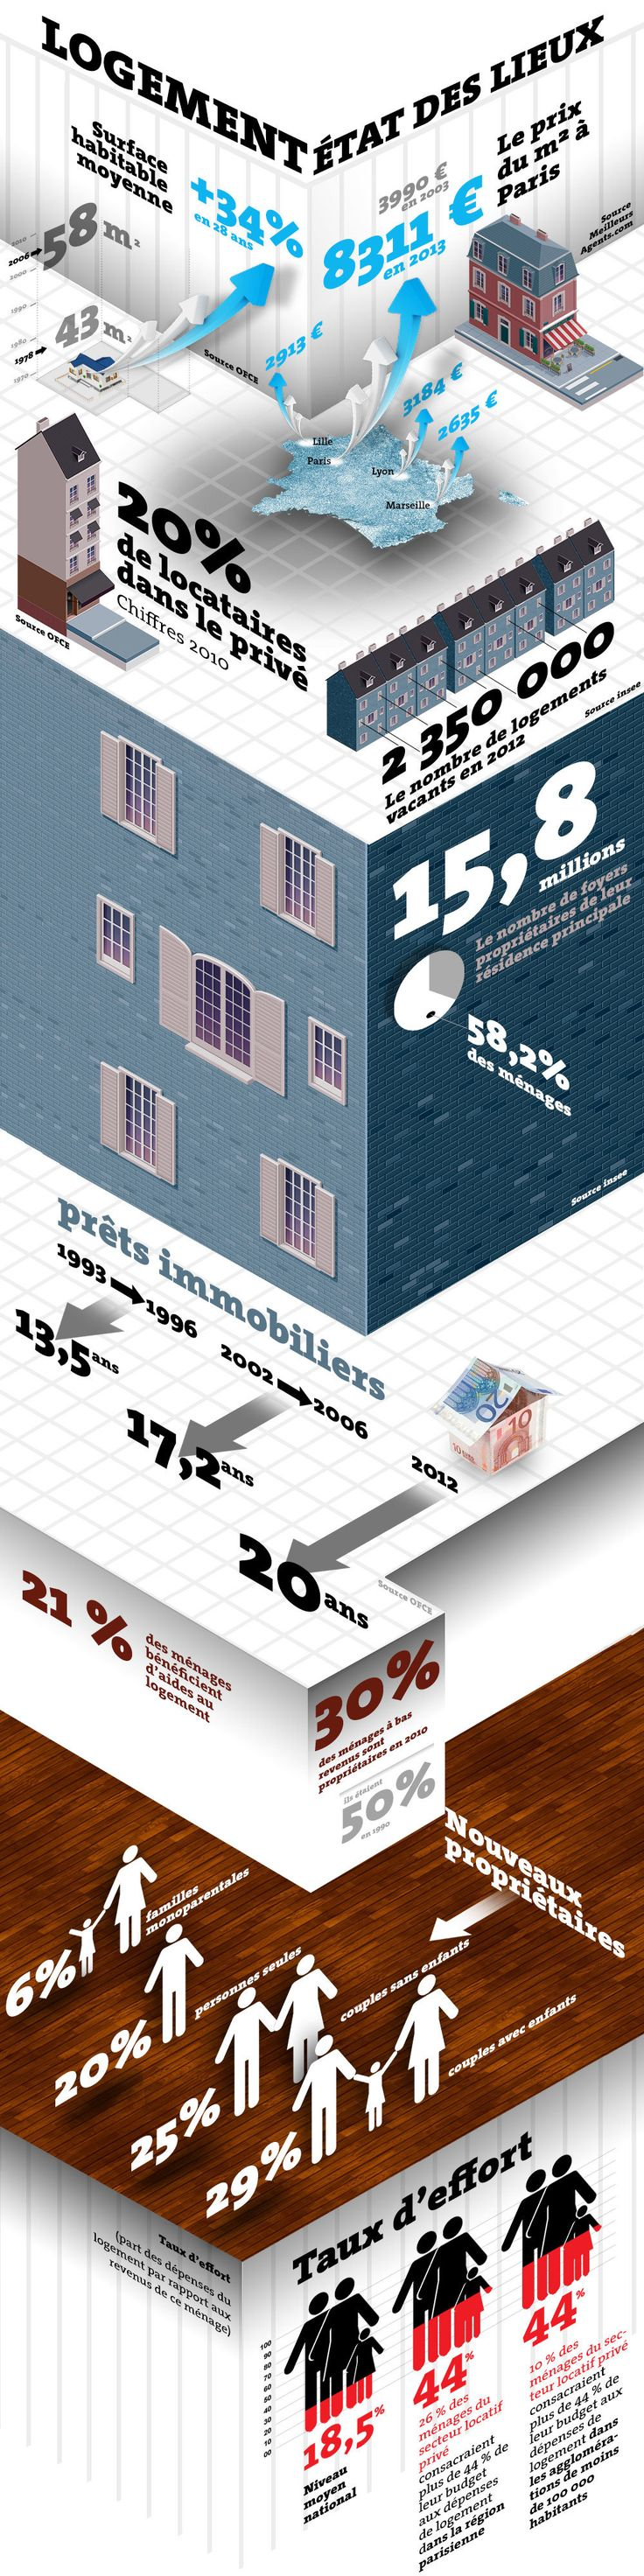 L'état des lieux du logement en France